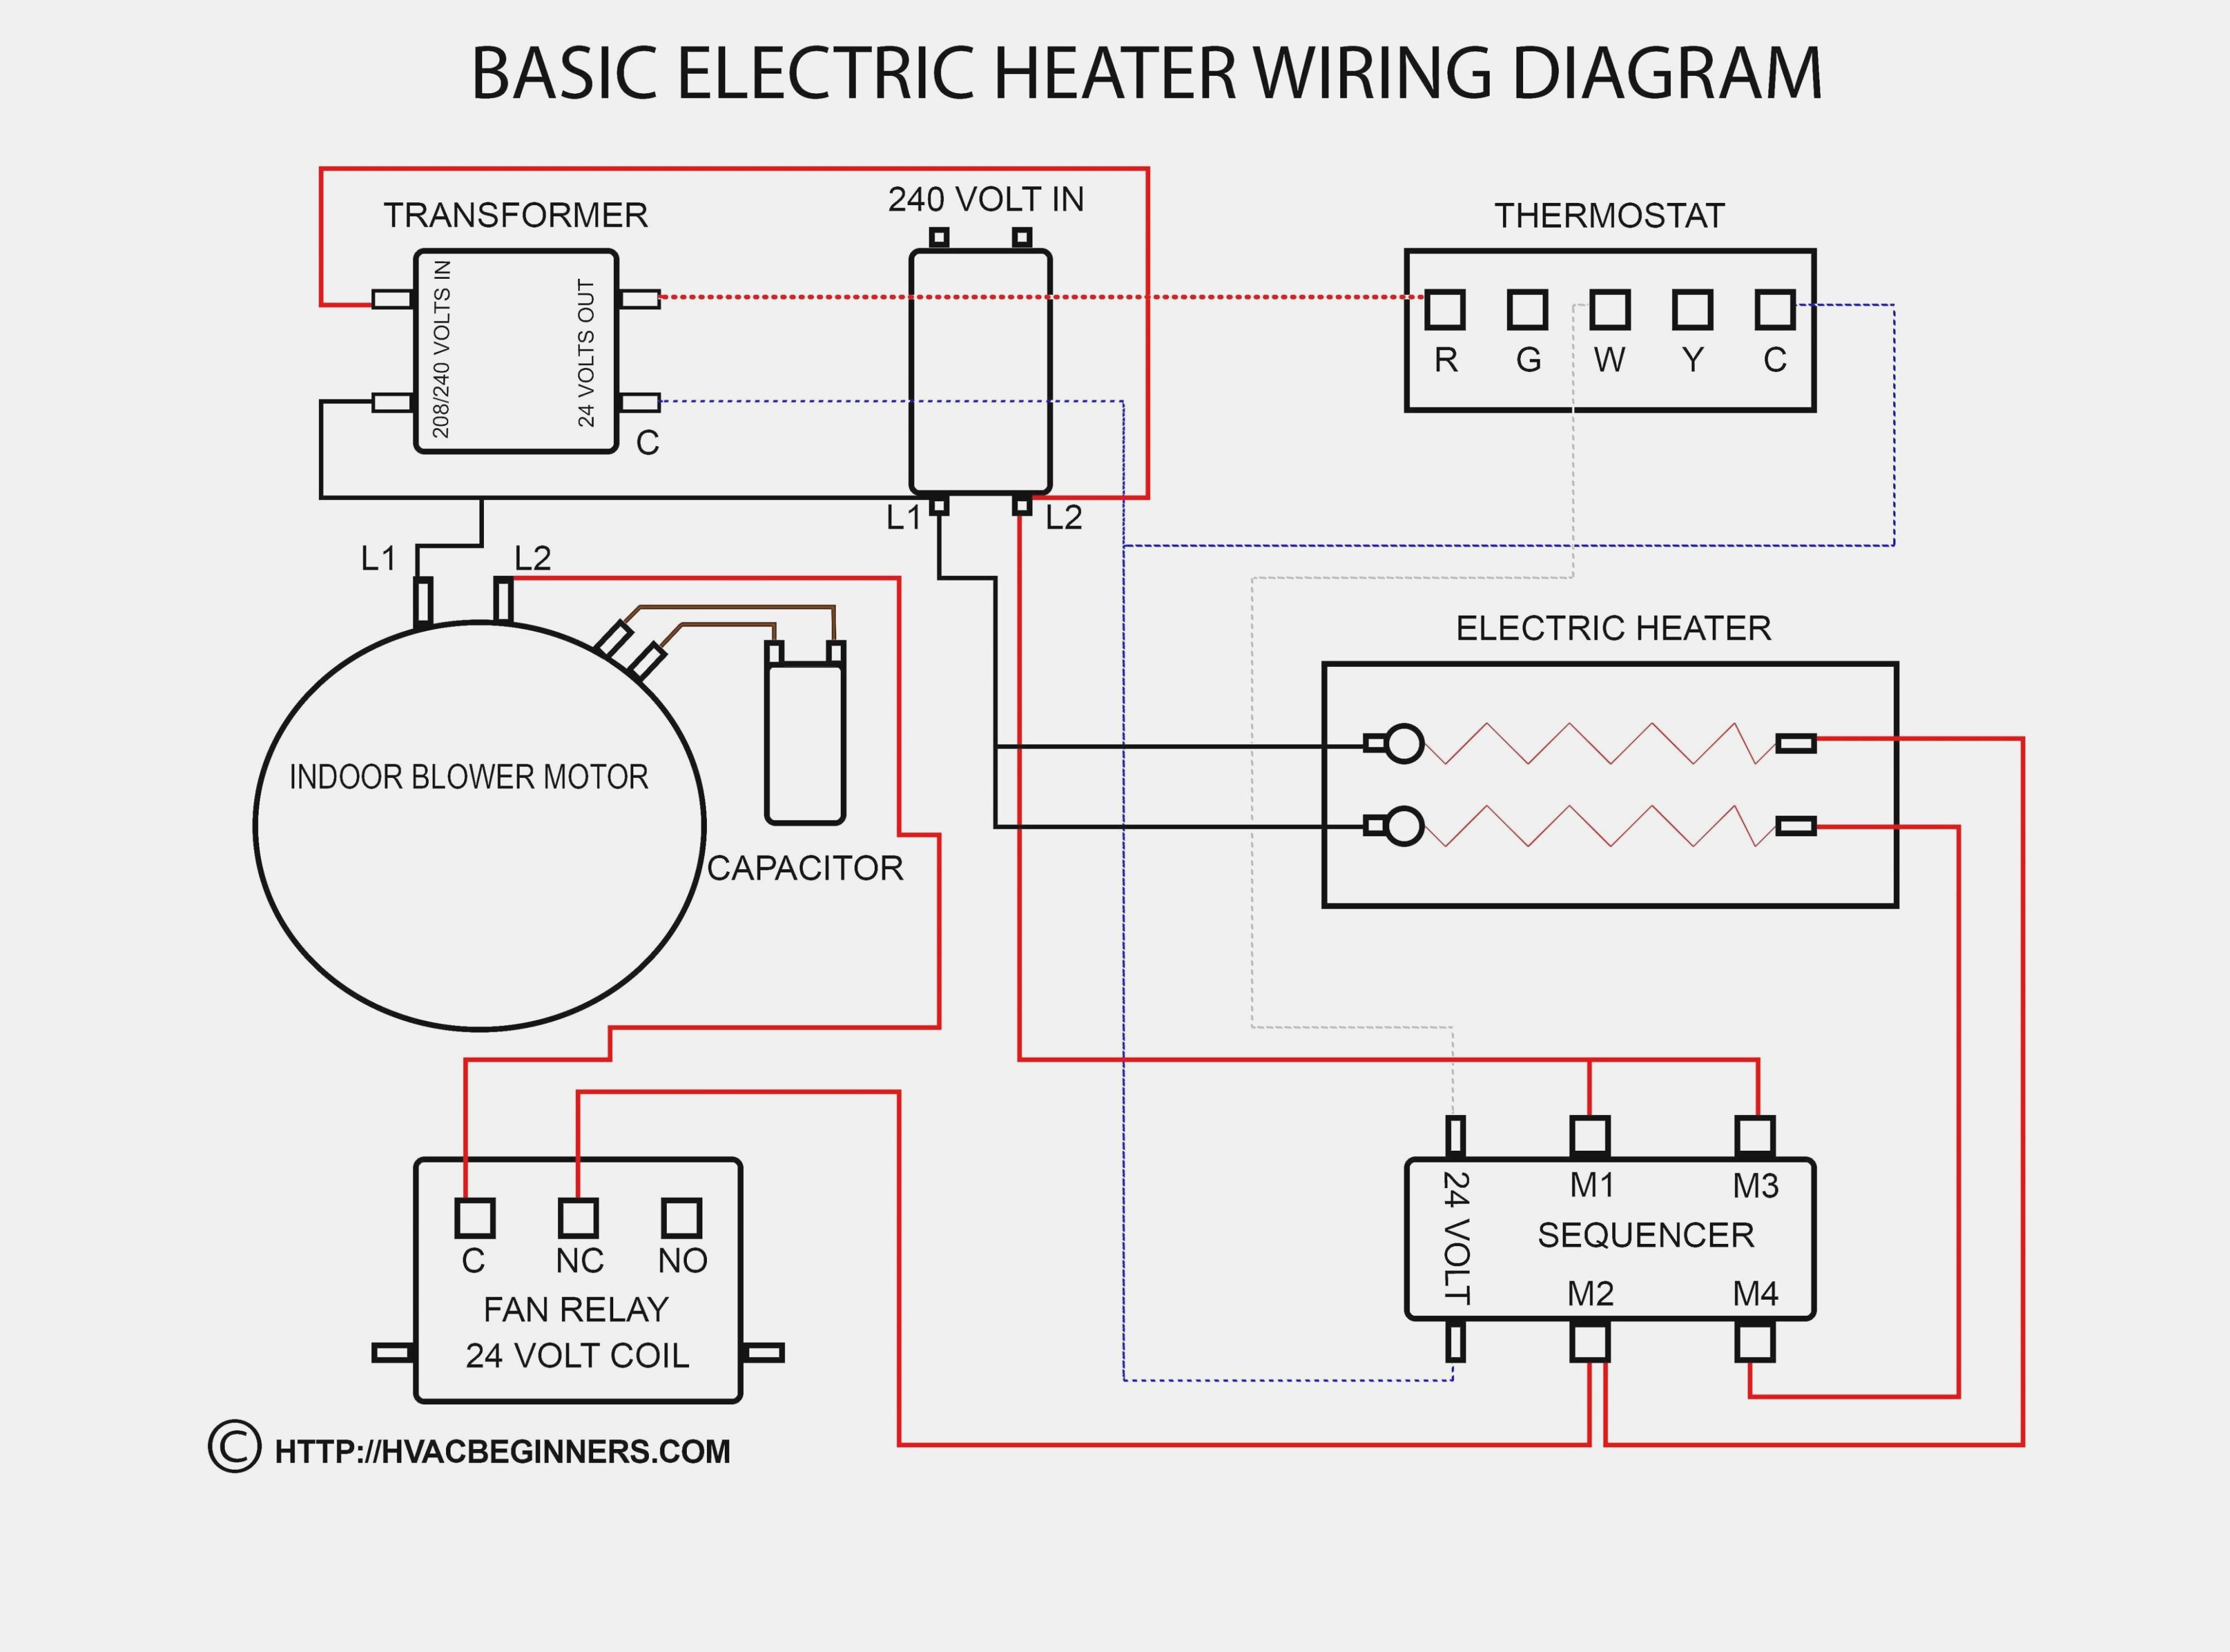 Car Electric Fan Wiring Diagram Wiring A Electric Space Heater Schema Wiring Diagram Of Car Electric Fan Wiring Diagram 04 Audi A4 Wiring Diagram Wiring Diagram New